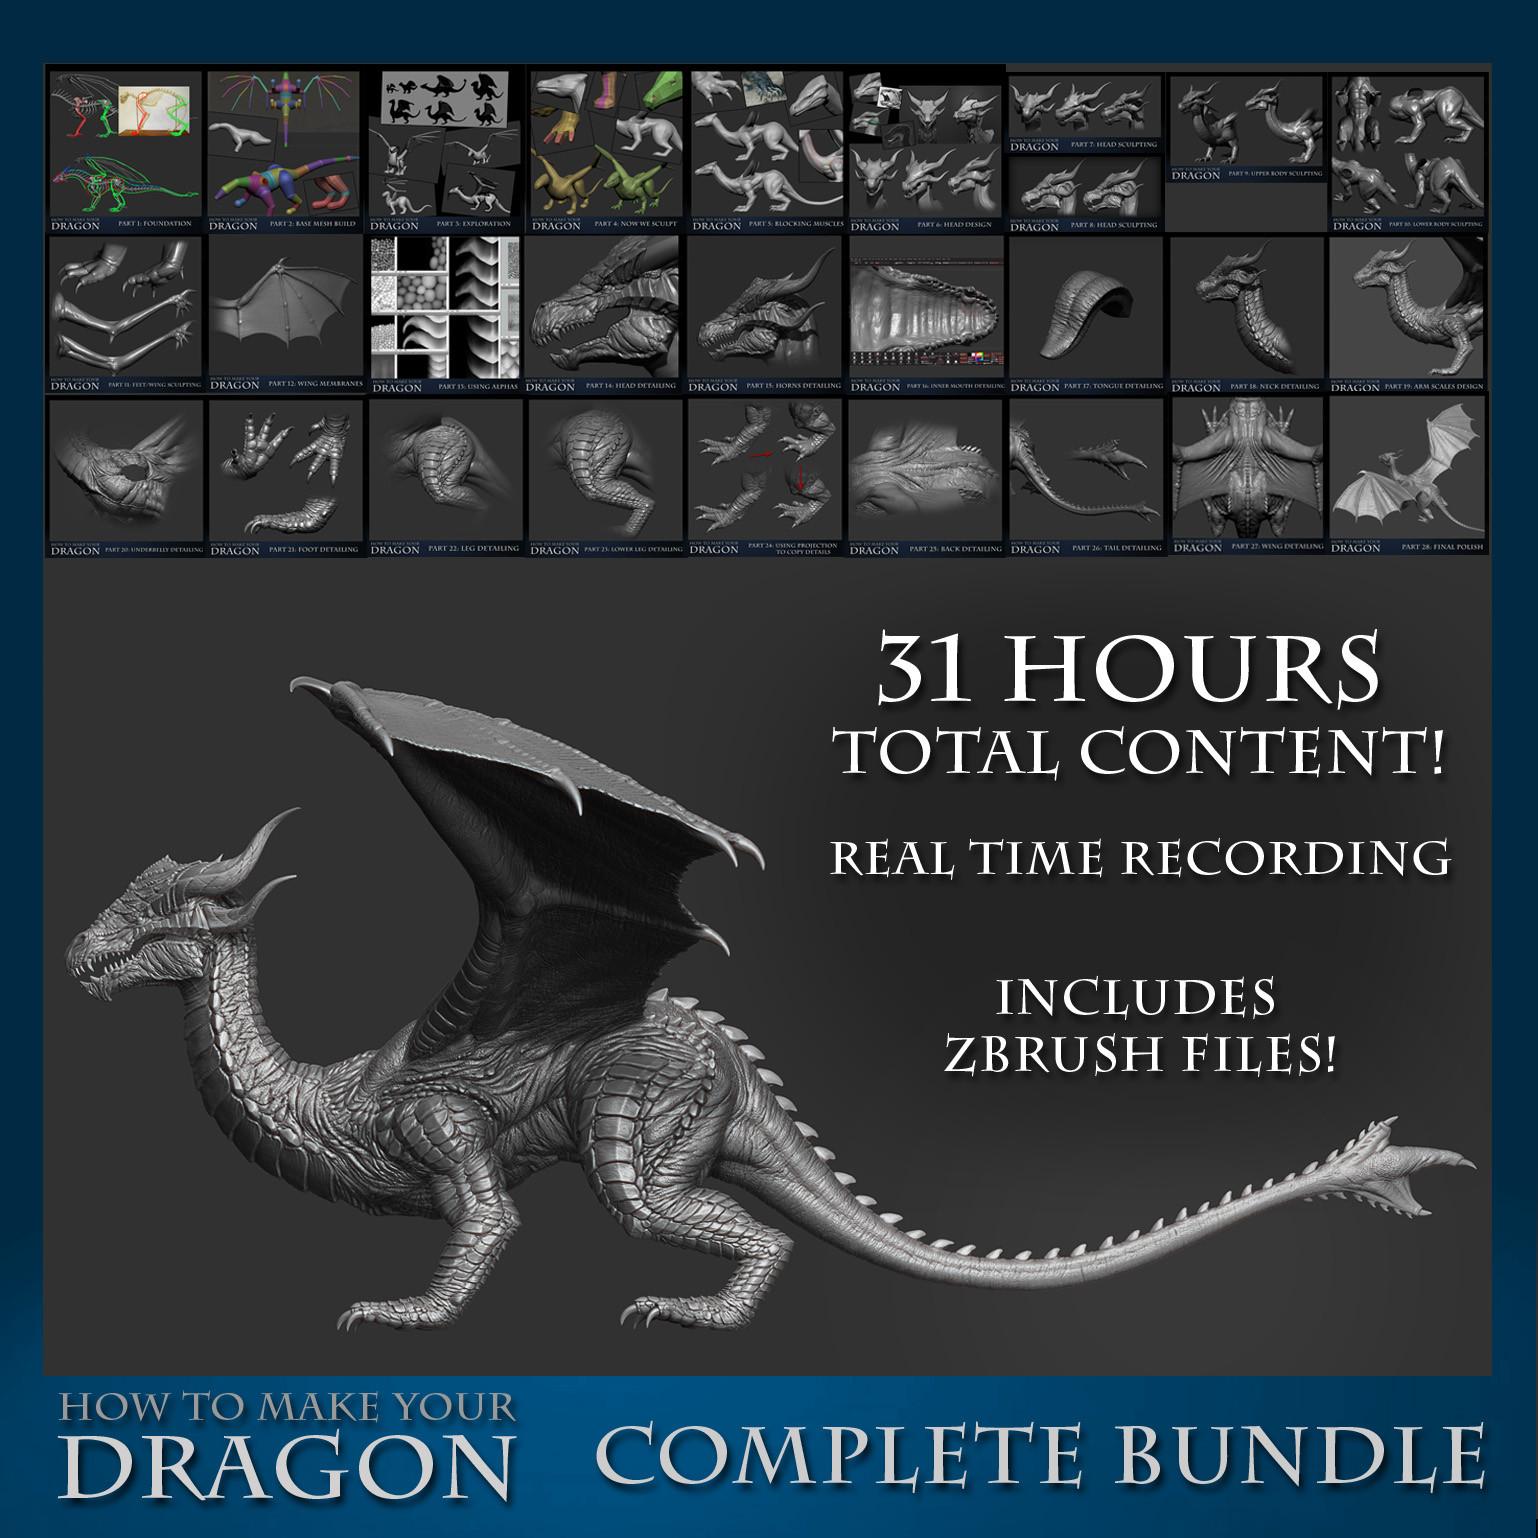 Jesse sandifer dragon gumroad completebundle